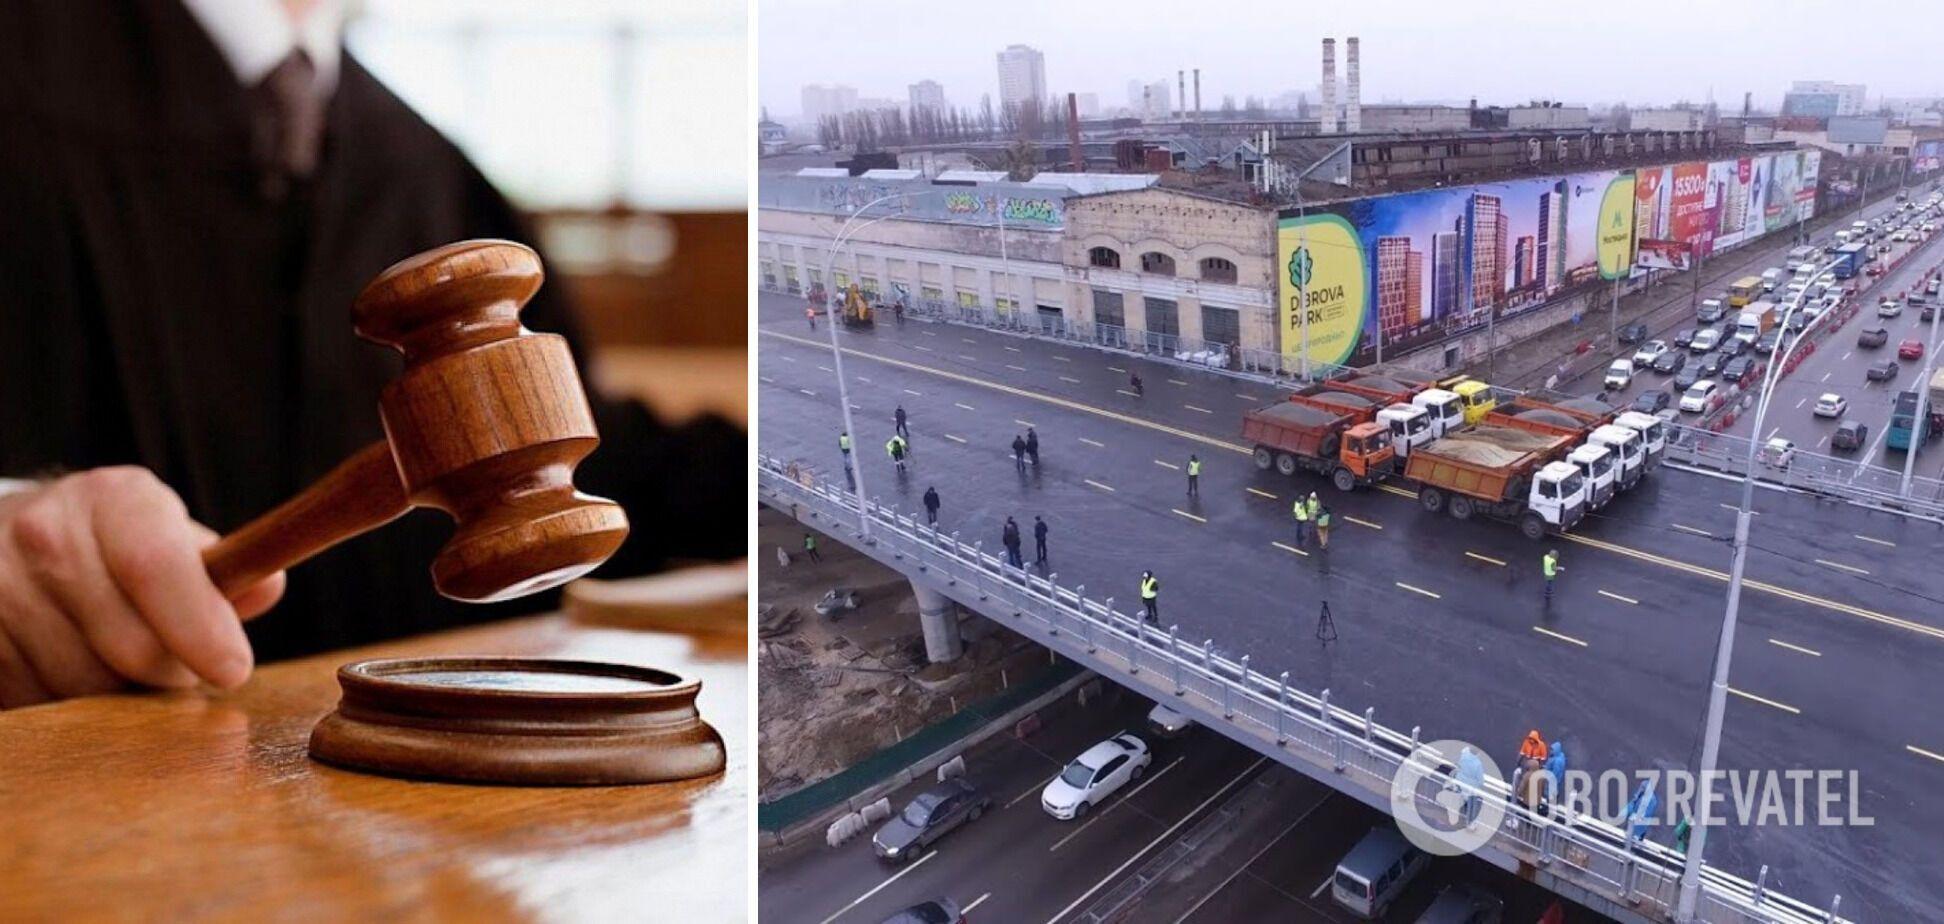 'Більшовик' не зможуть приватизувати як єдиний об'єкт: 'Агроміл Дистриб'юшин' виграв суд у Фонду держмайна